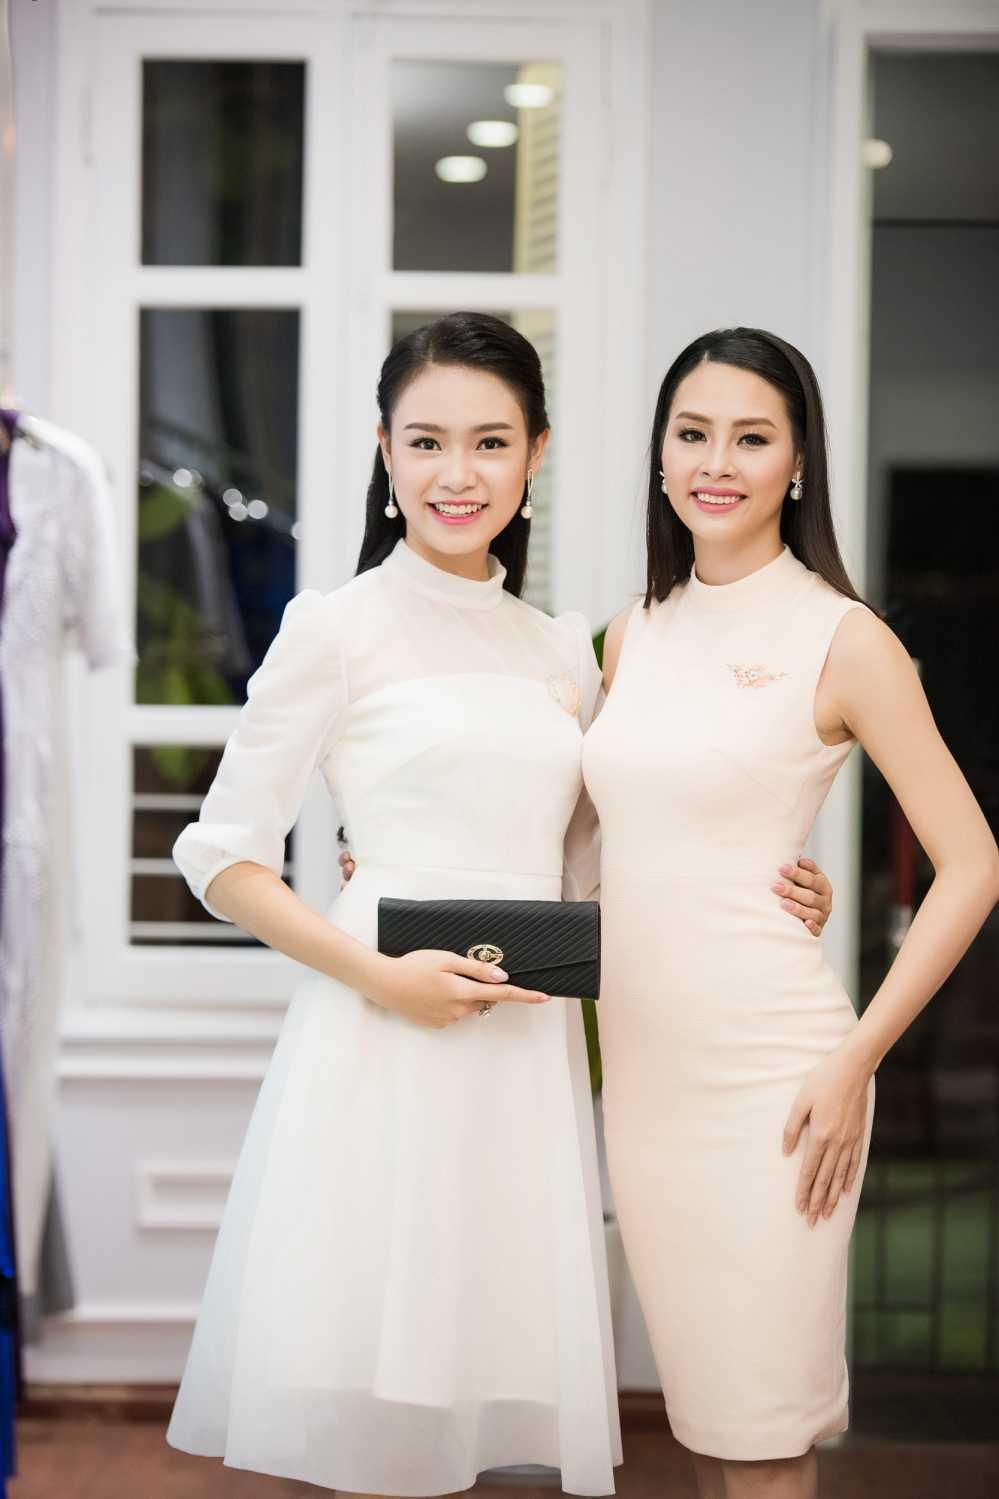 'Nguoi dep truyen thong' Ngoc Van hoi ngo dan chi Huyen My hinh anh 7